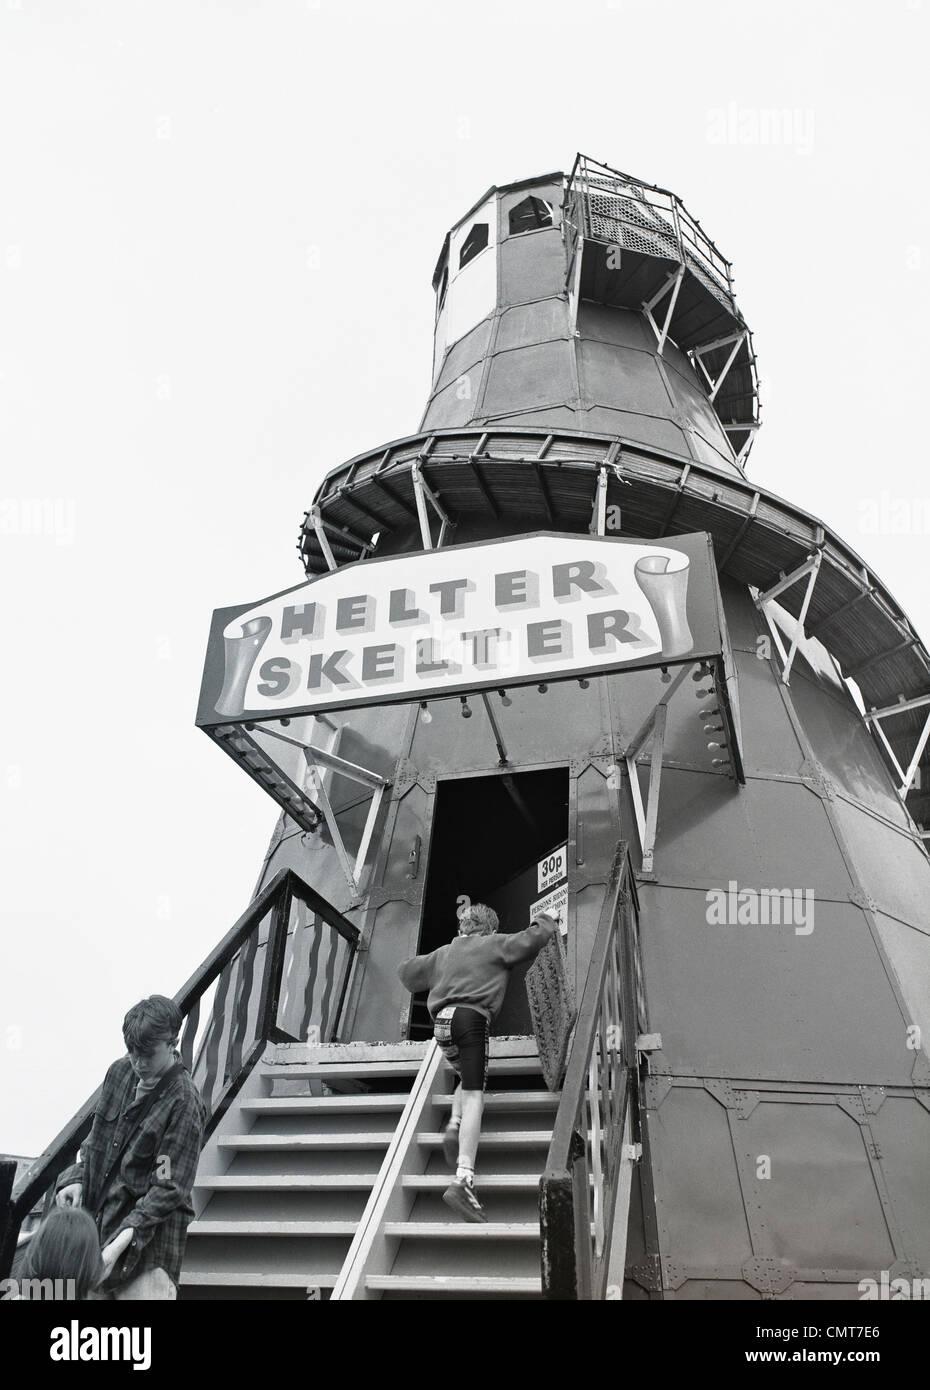 Un Helter Skelter fiera di attrazione in uso negli anni ottanta - Skerries, County Dublin, Irlanda Immagini Stock